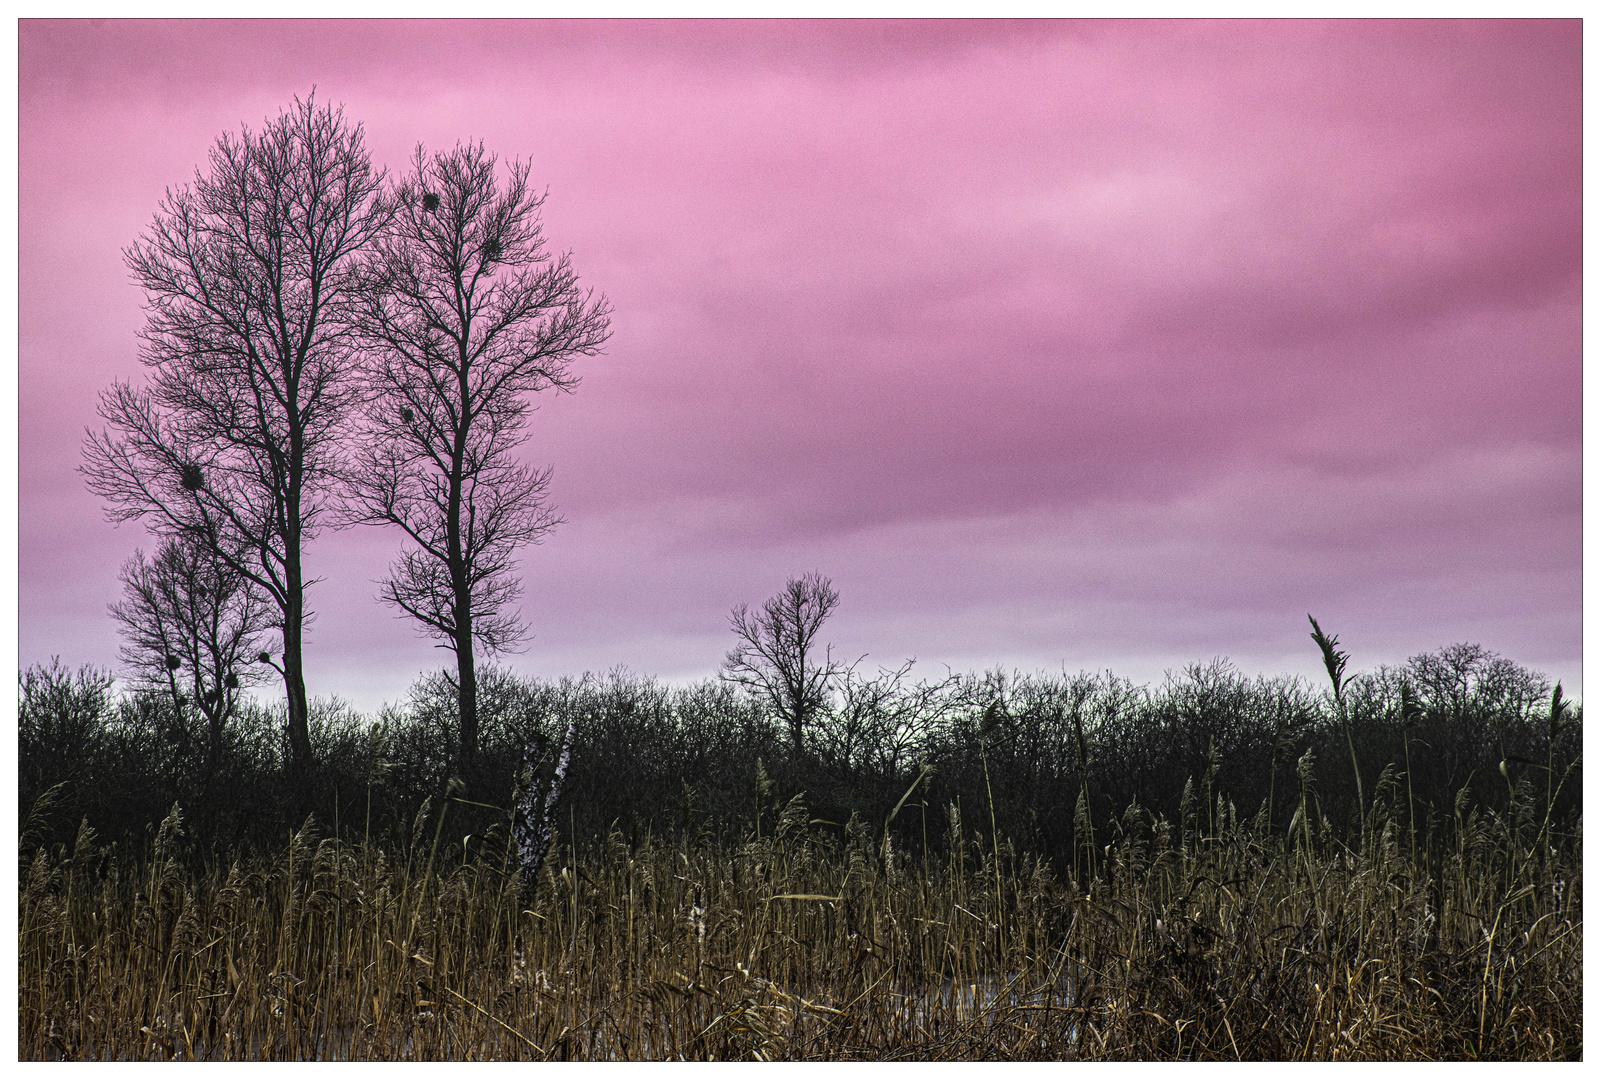 Wintertag im Feuchtgebiet Waidmannslust